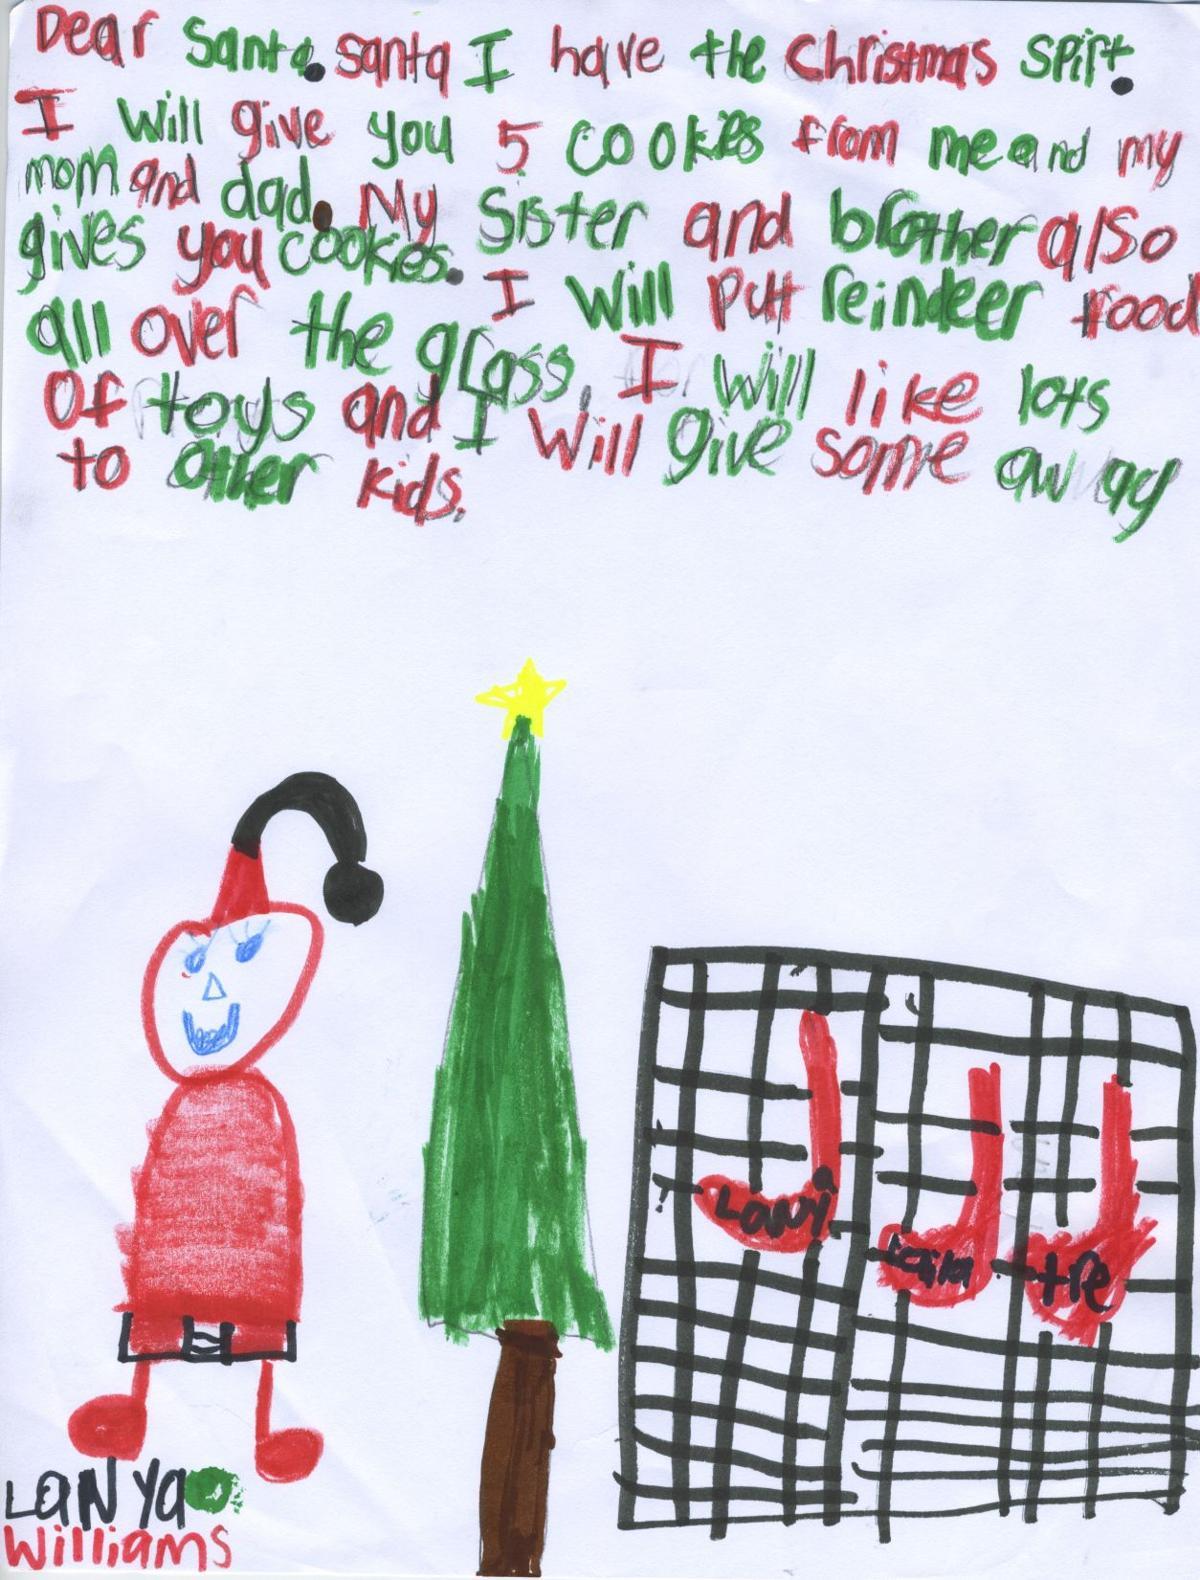 Santa letter pic.jpeg